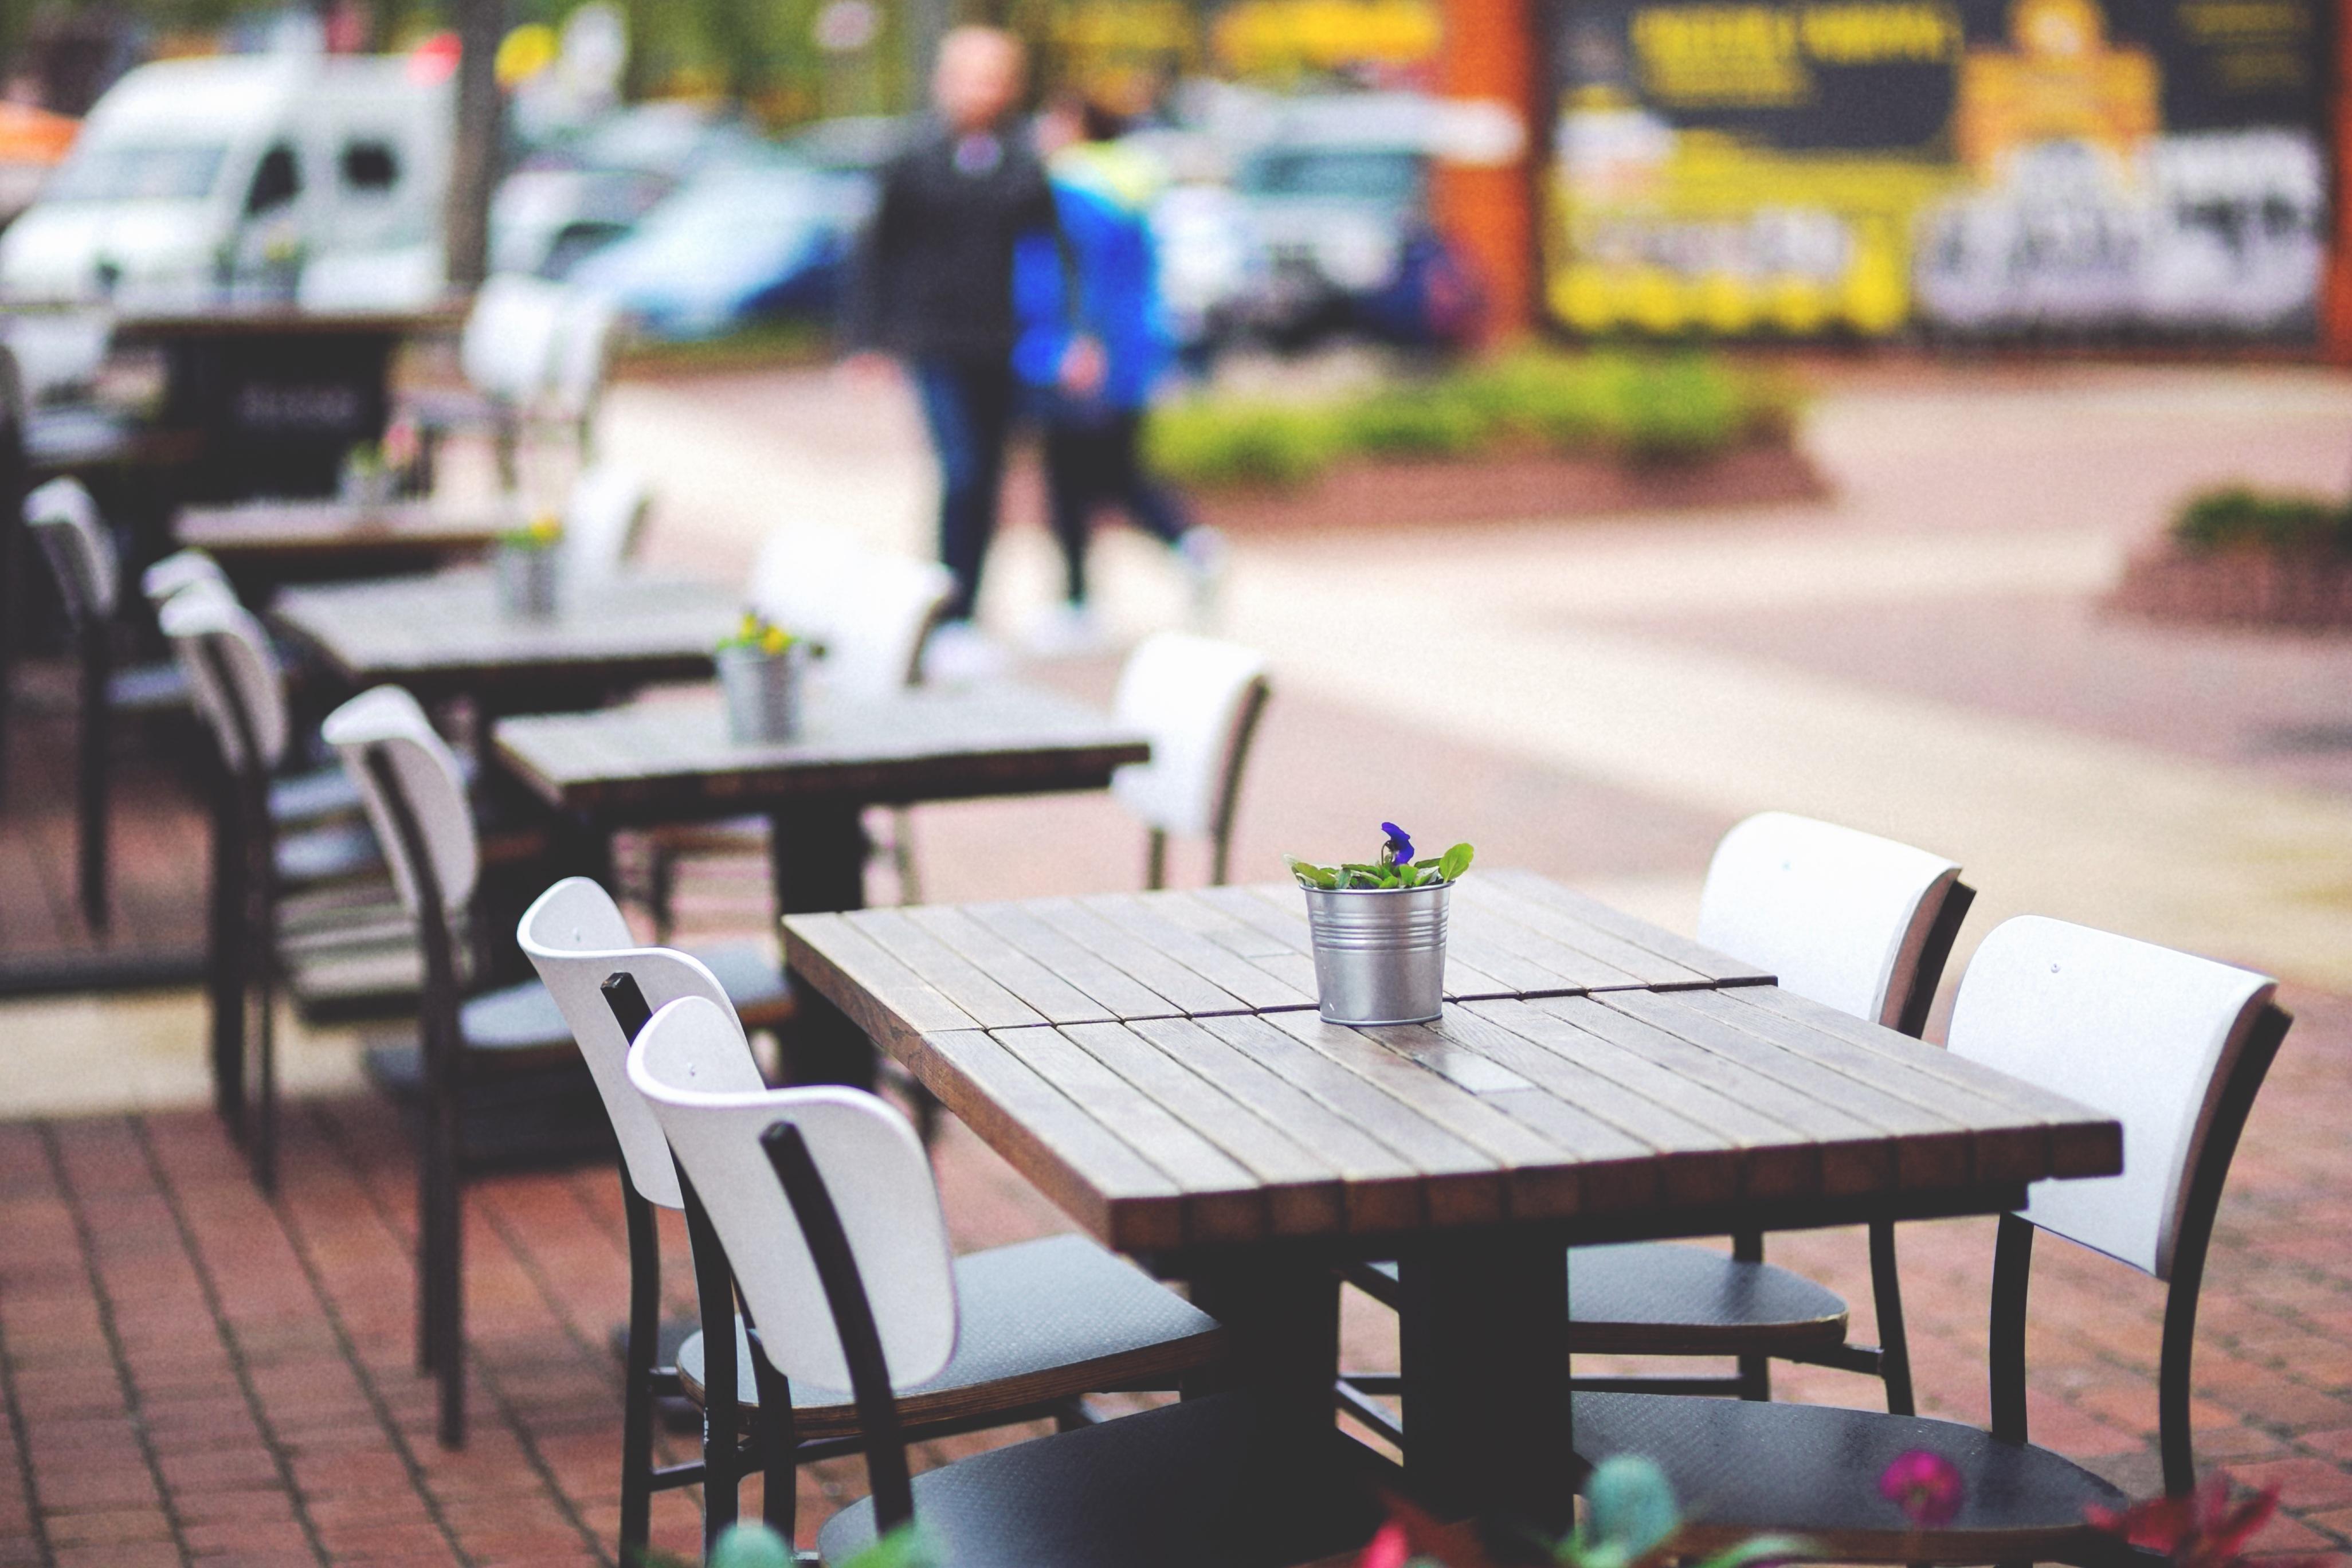 free images cafe street restaurant city furniture. Black Bedroom Furniture Sets. Home Design Ideas